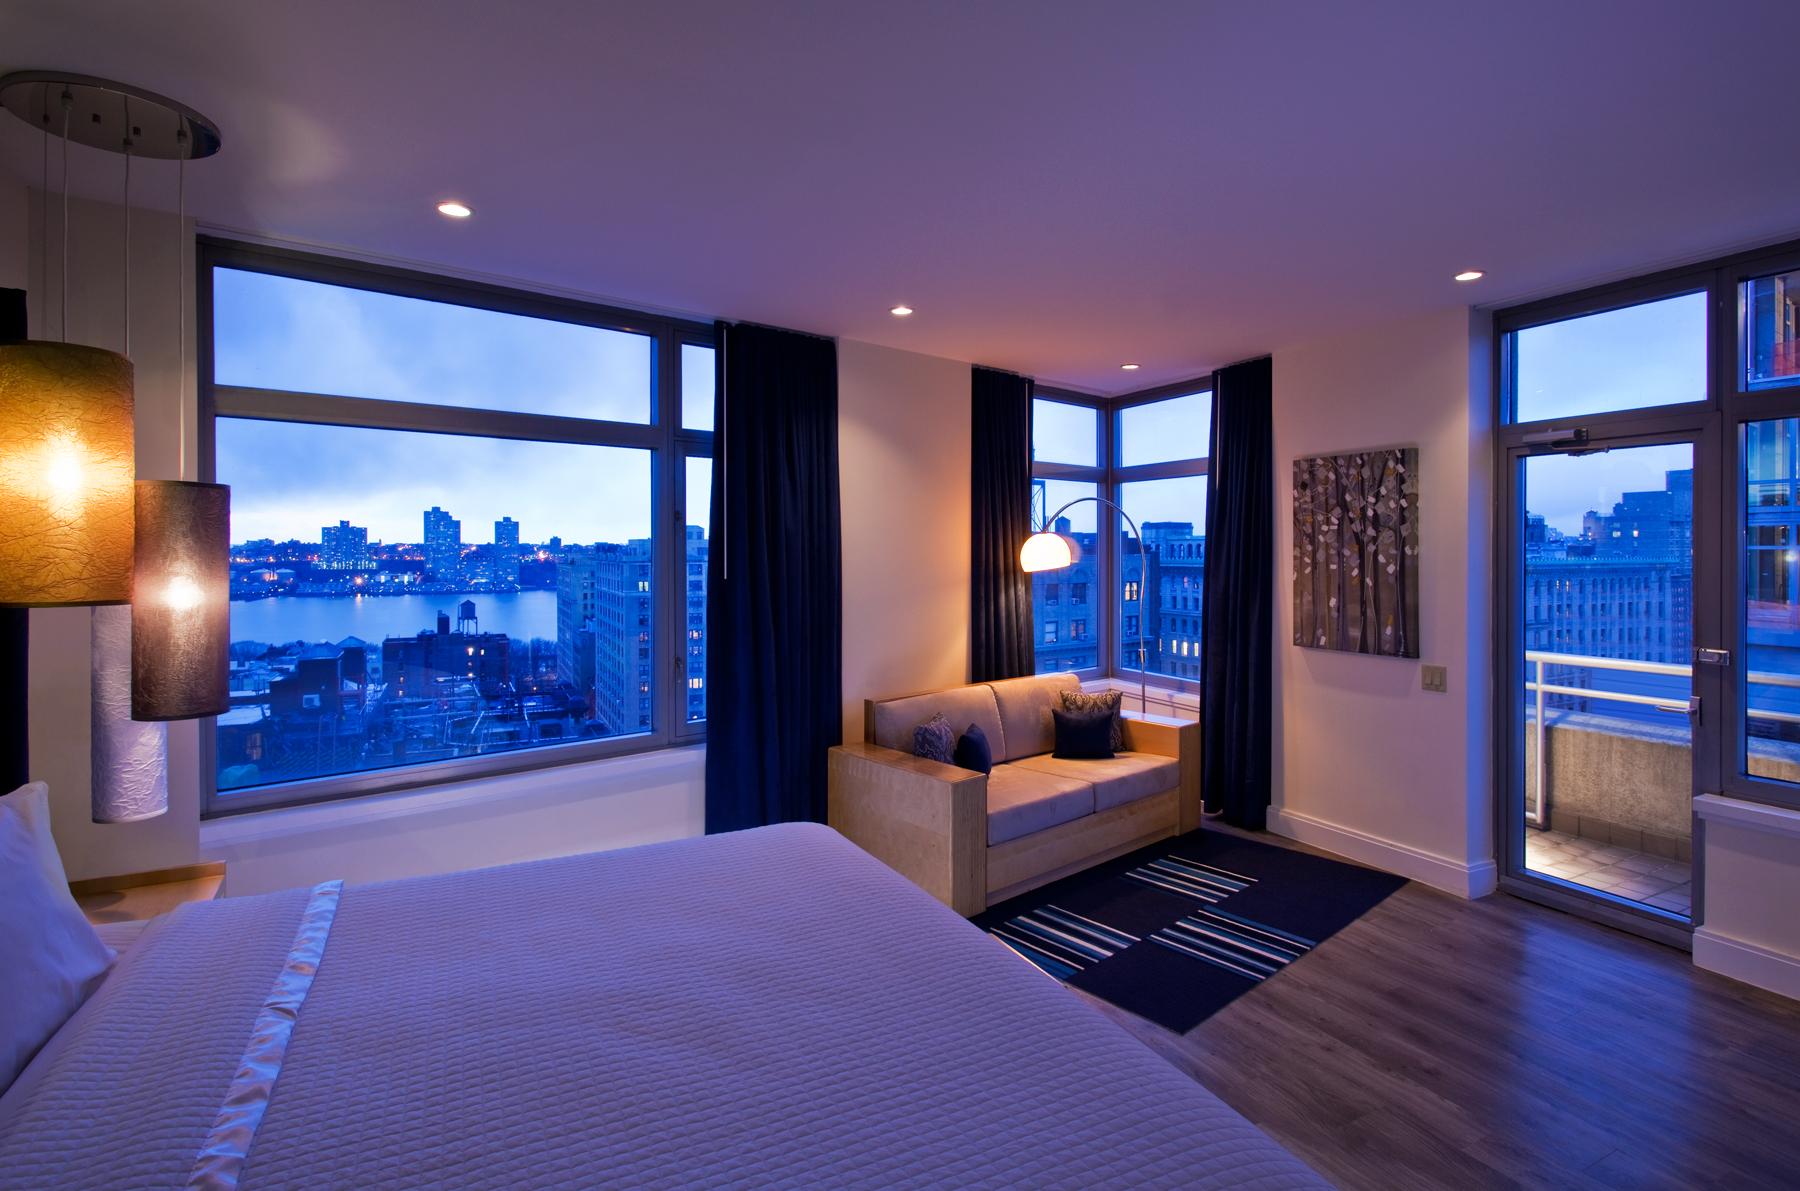 NYLO Hotels LLC – Hospitality Net